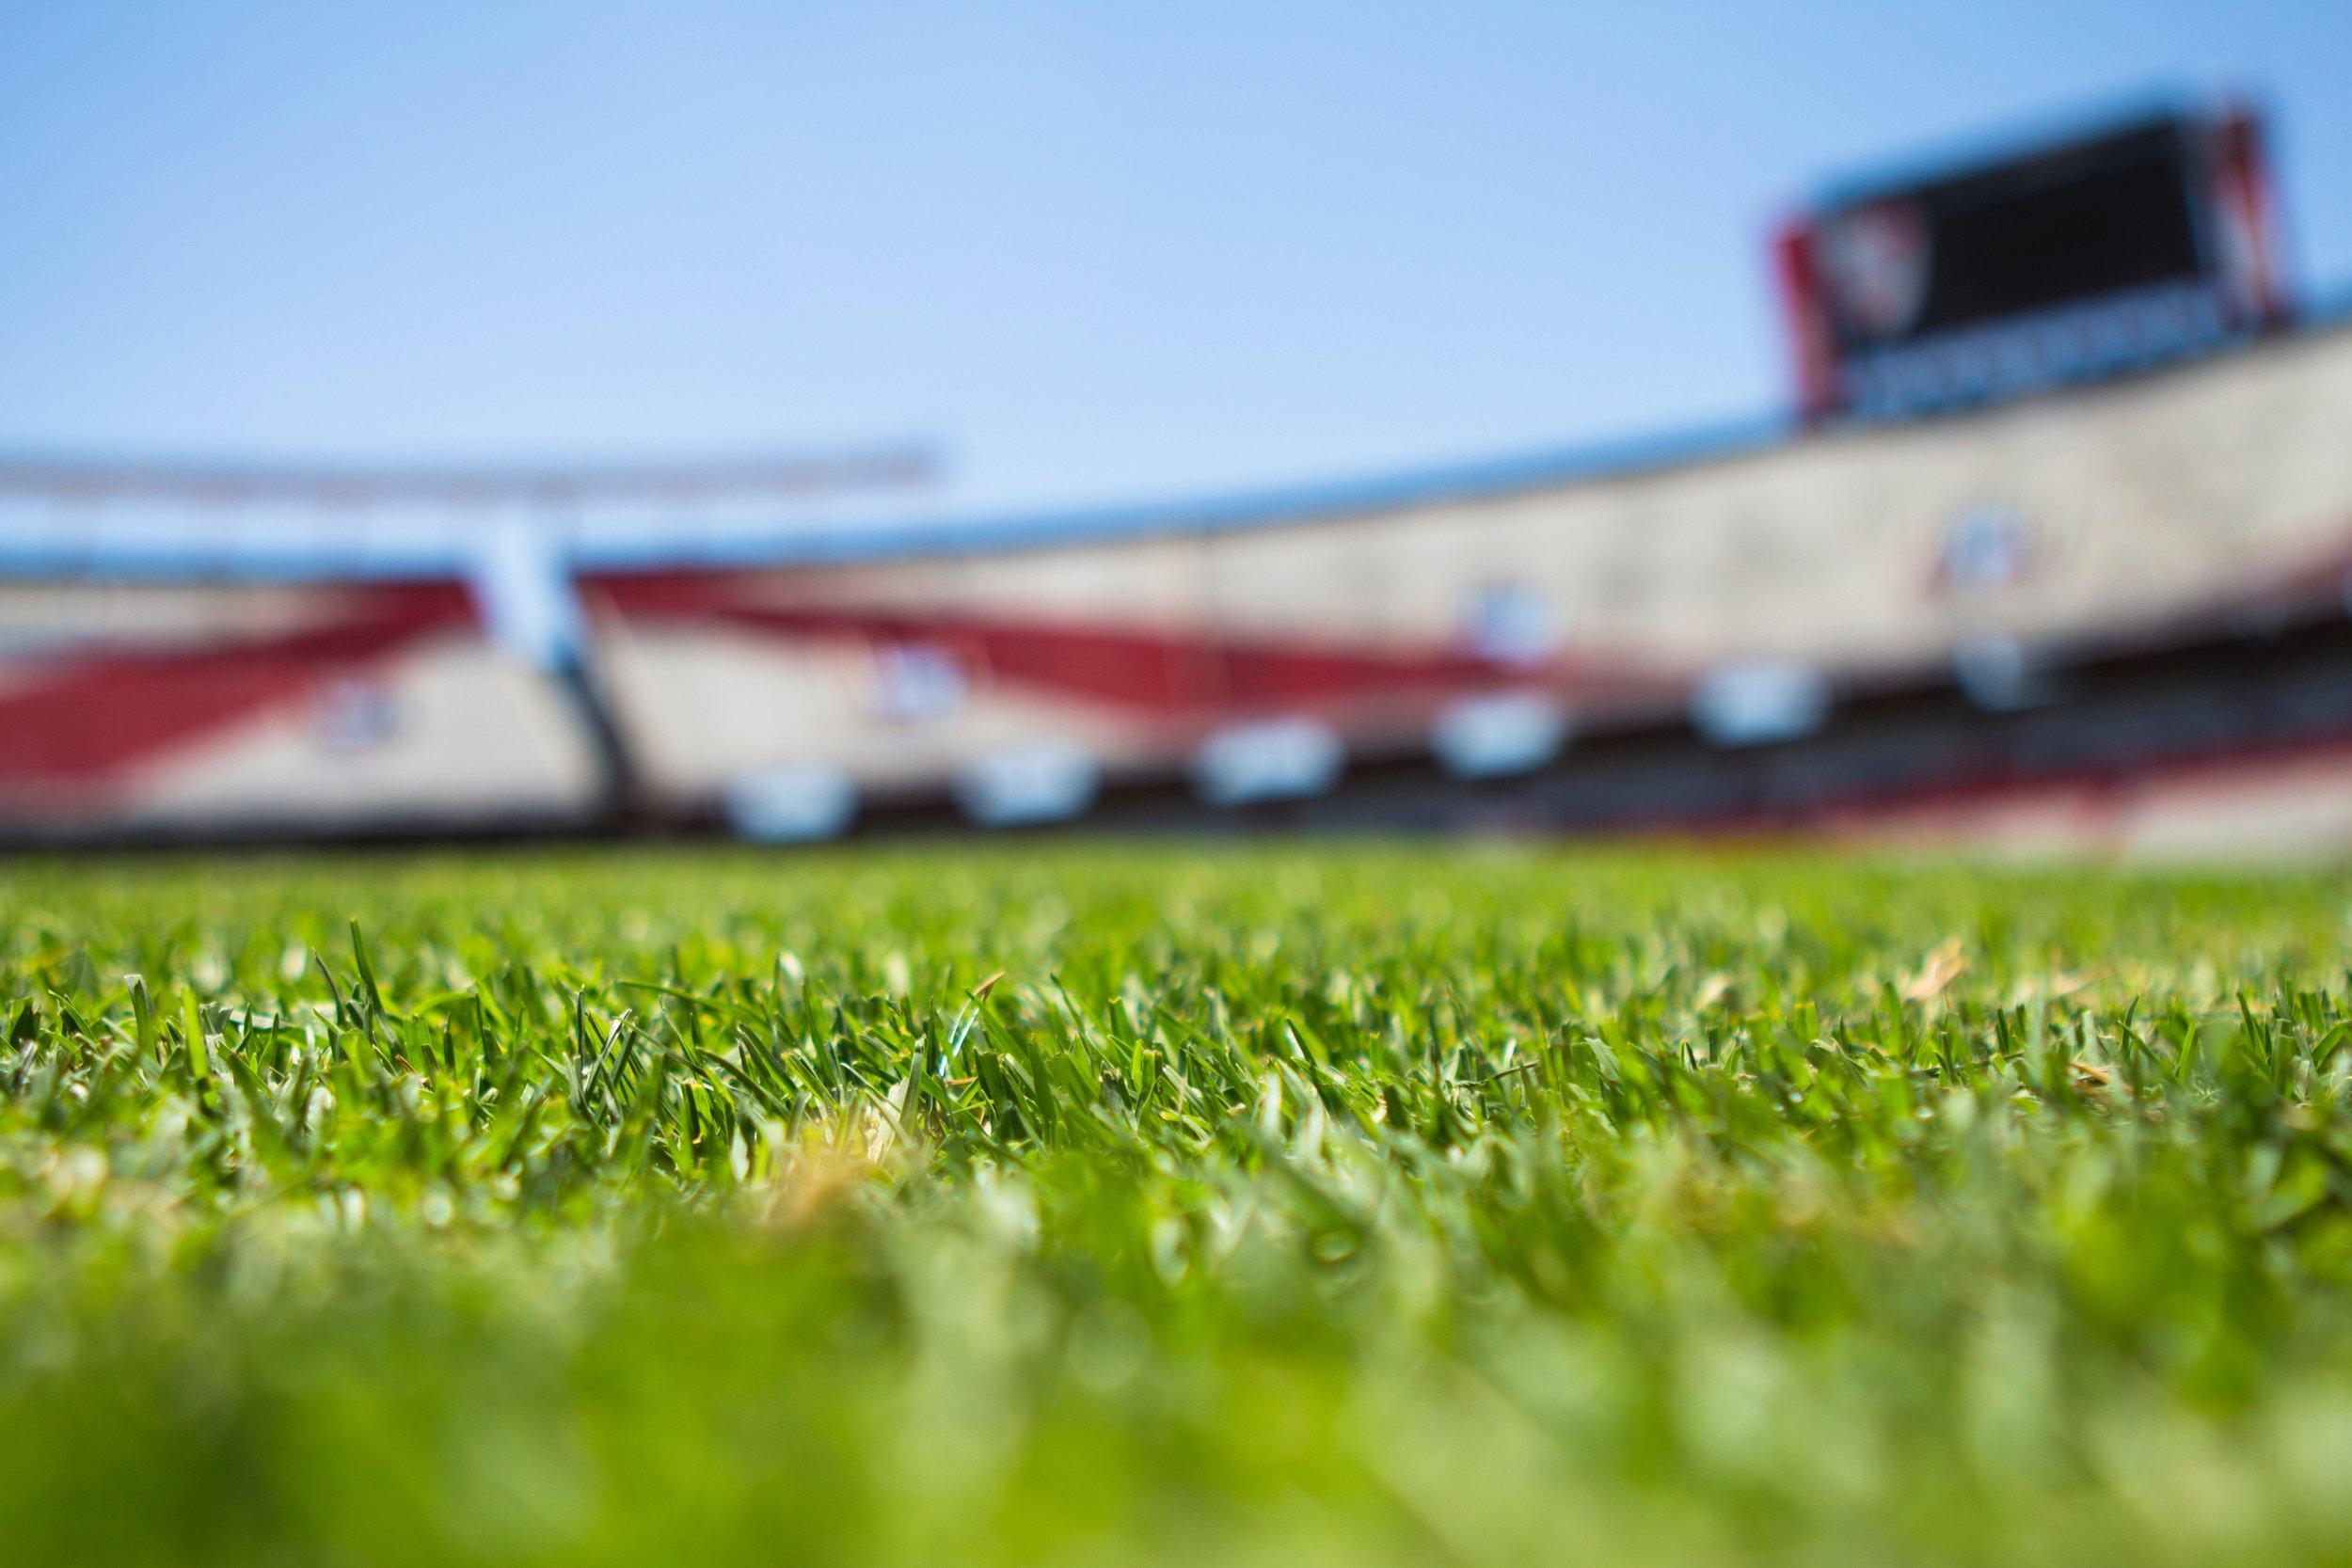 field-grass-green-61143.jpg